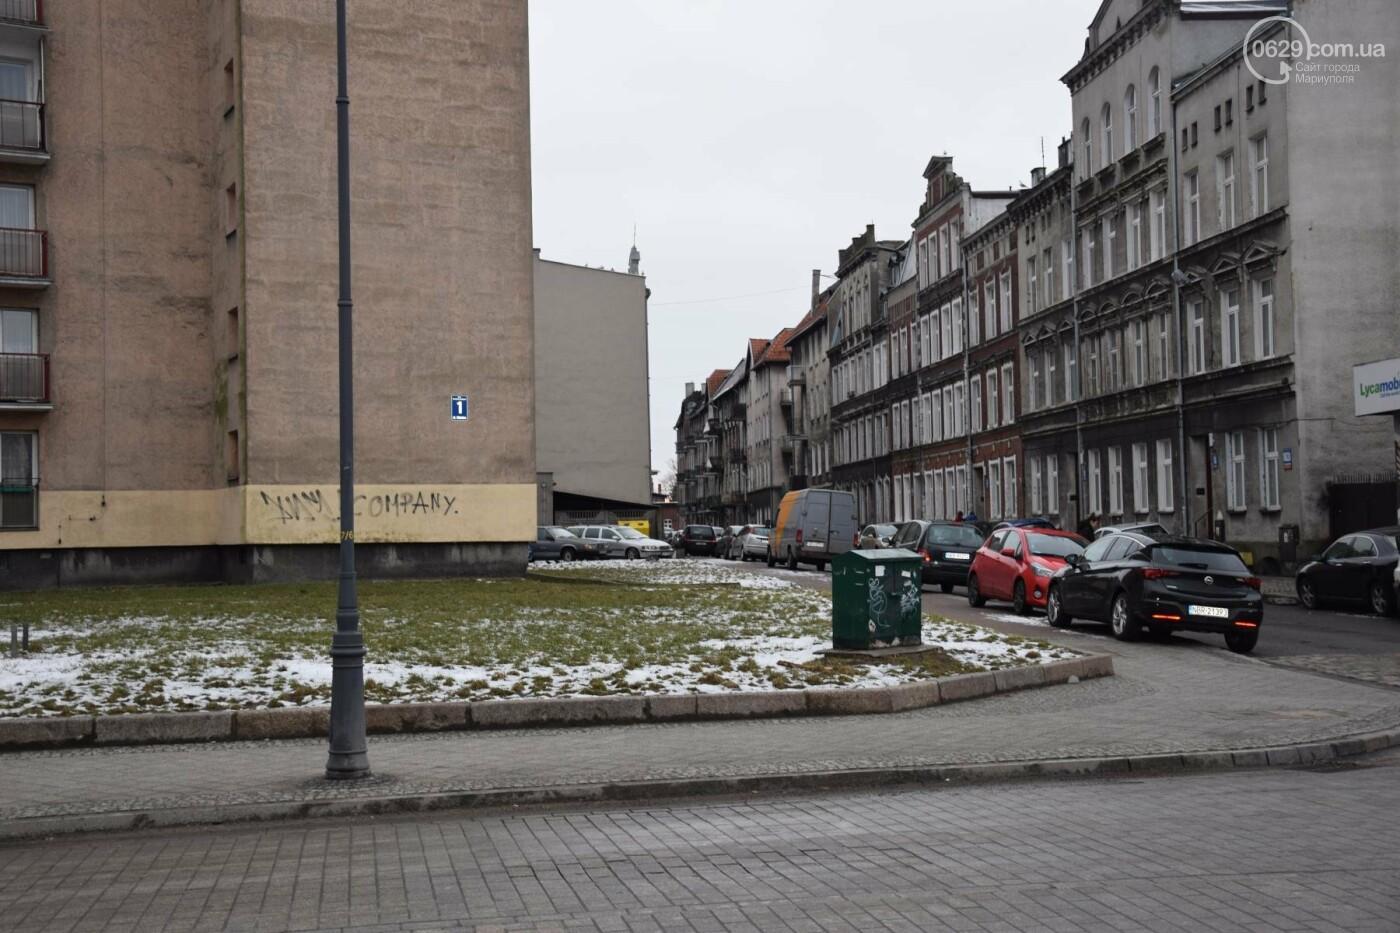 Ревитализация по-гданьски: что можно сделать с Верхними Аджахами, и какой могла бы стать ул. Торговая в Мариуполе, фото-8